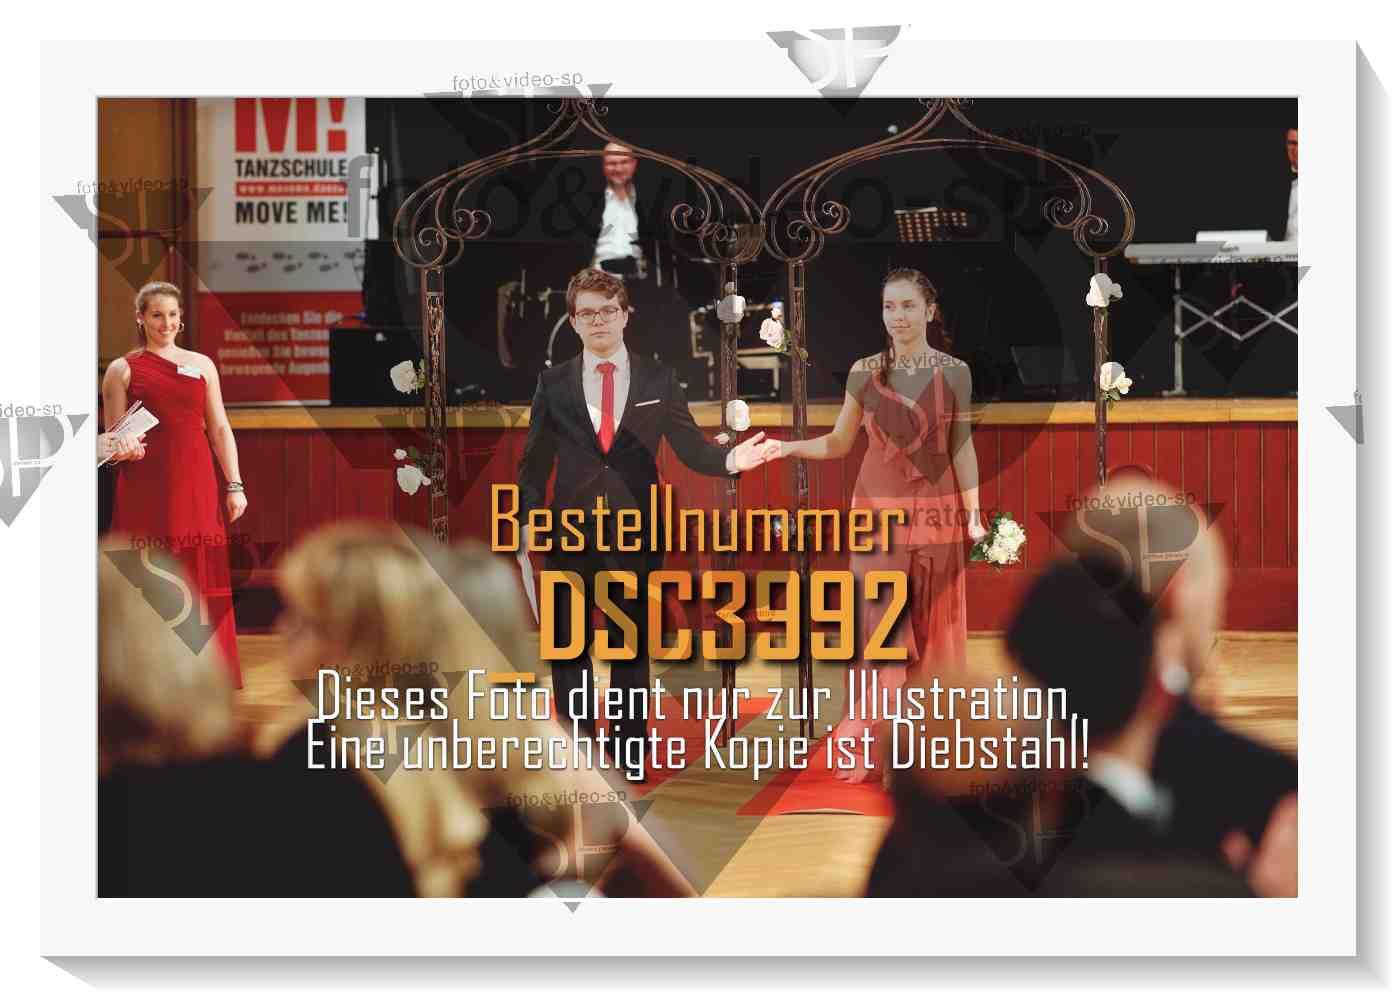 DSC3992